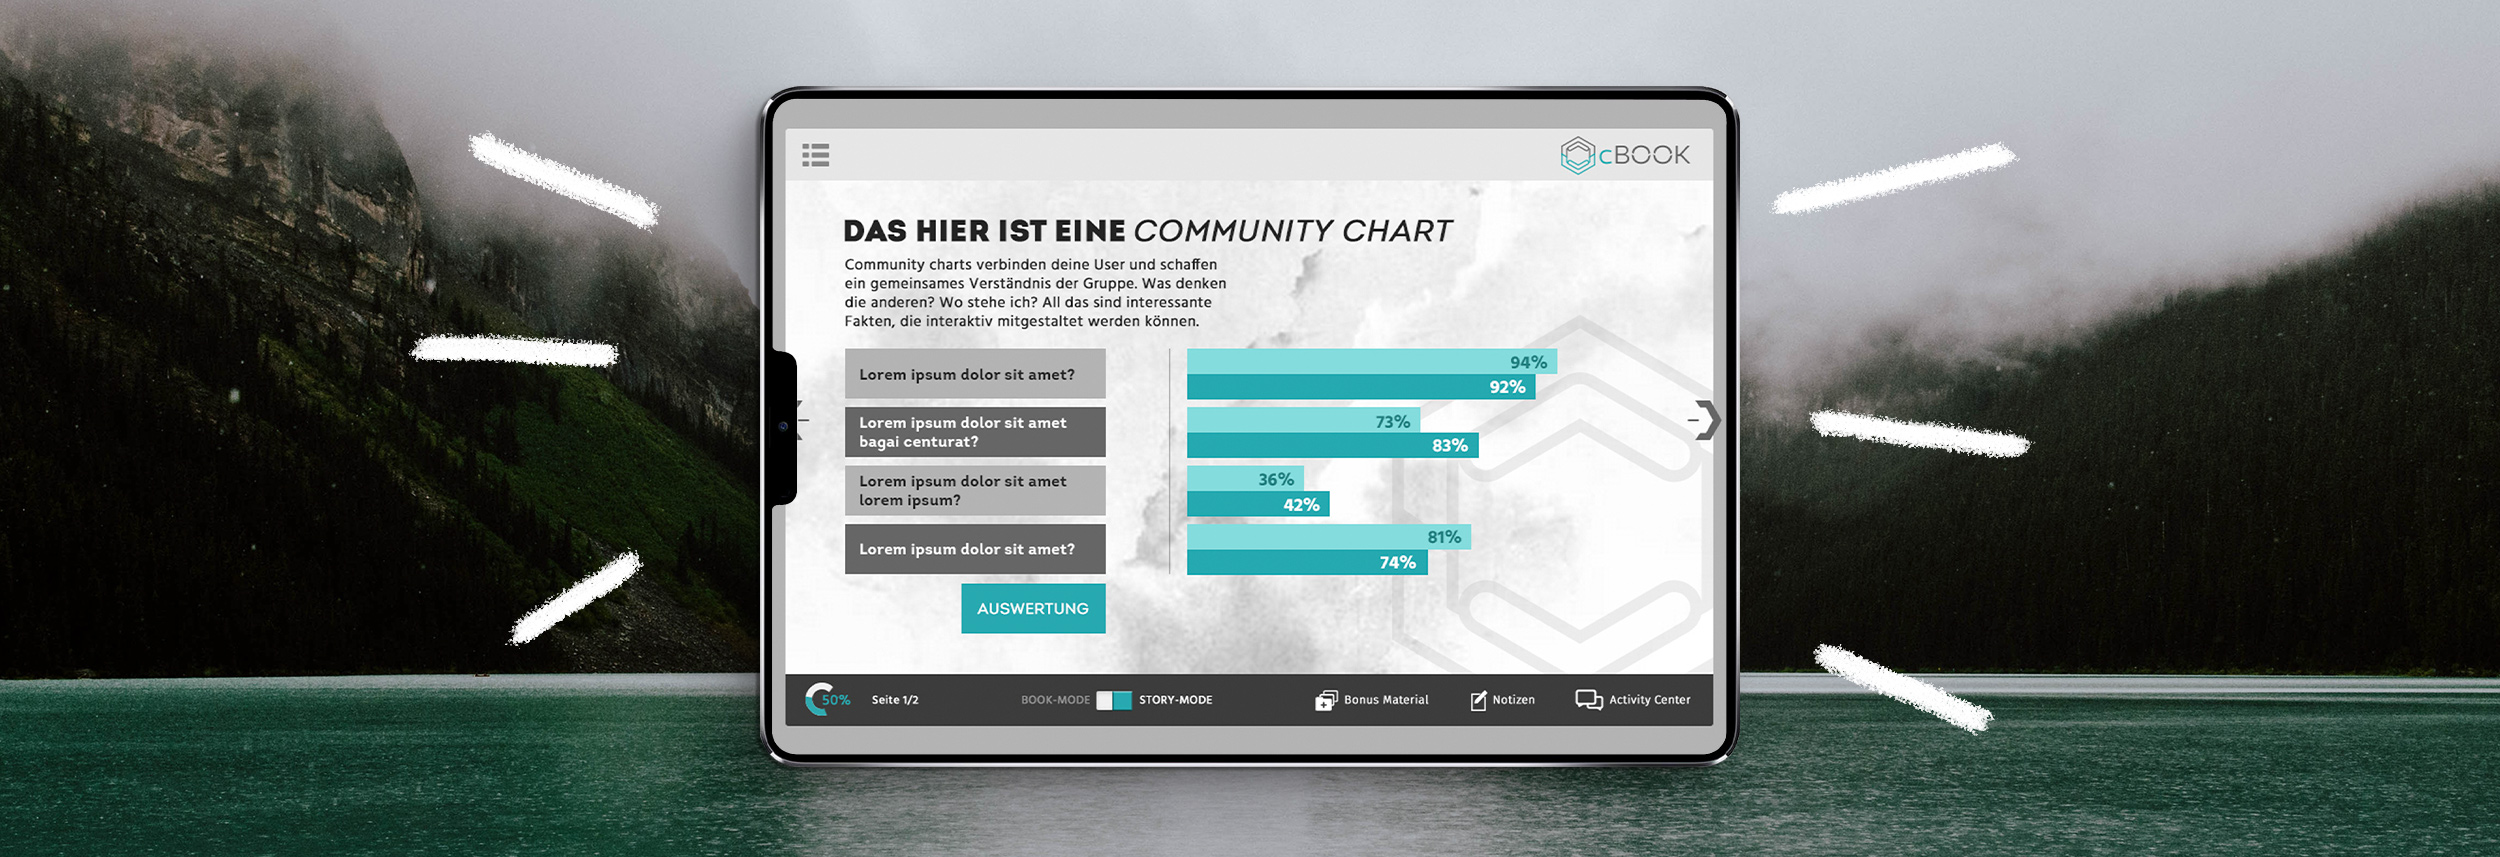 communitychart.jpg